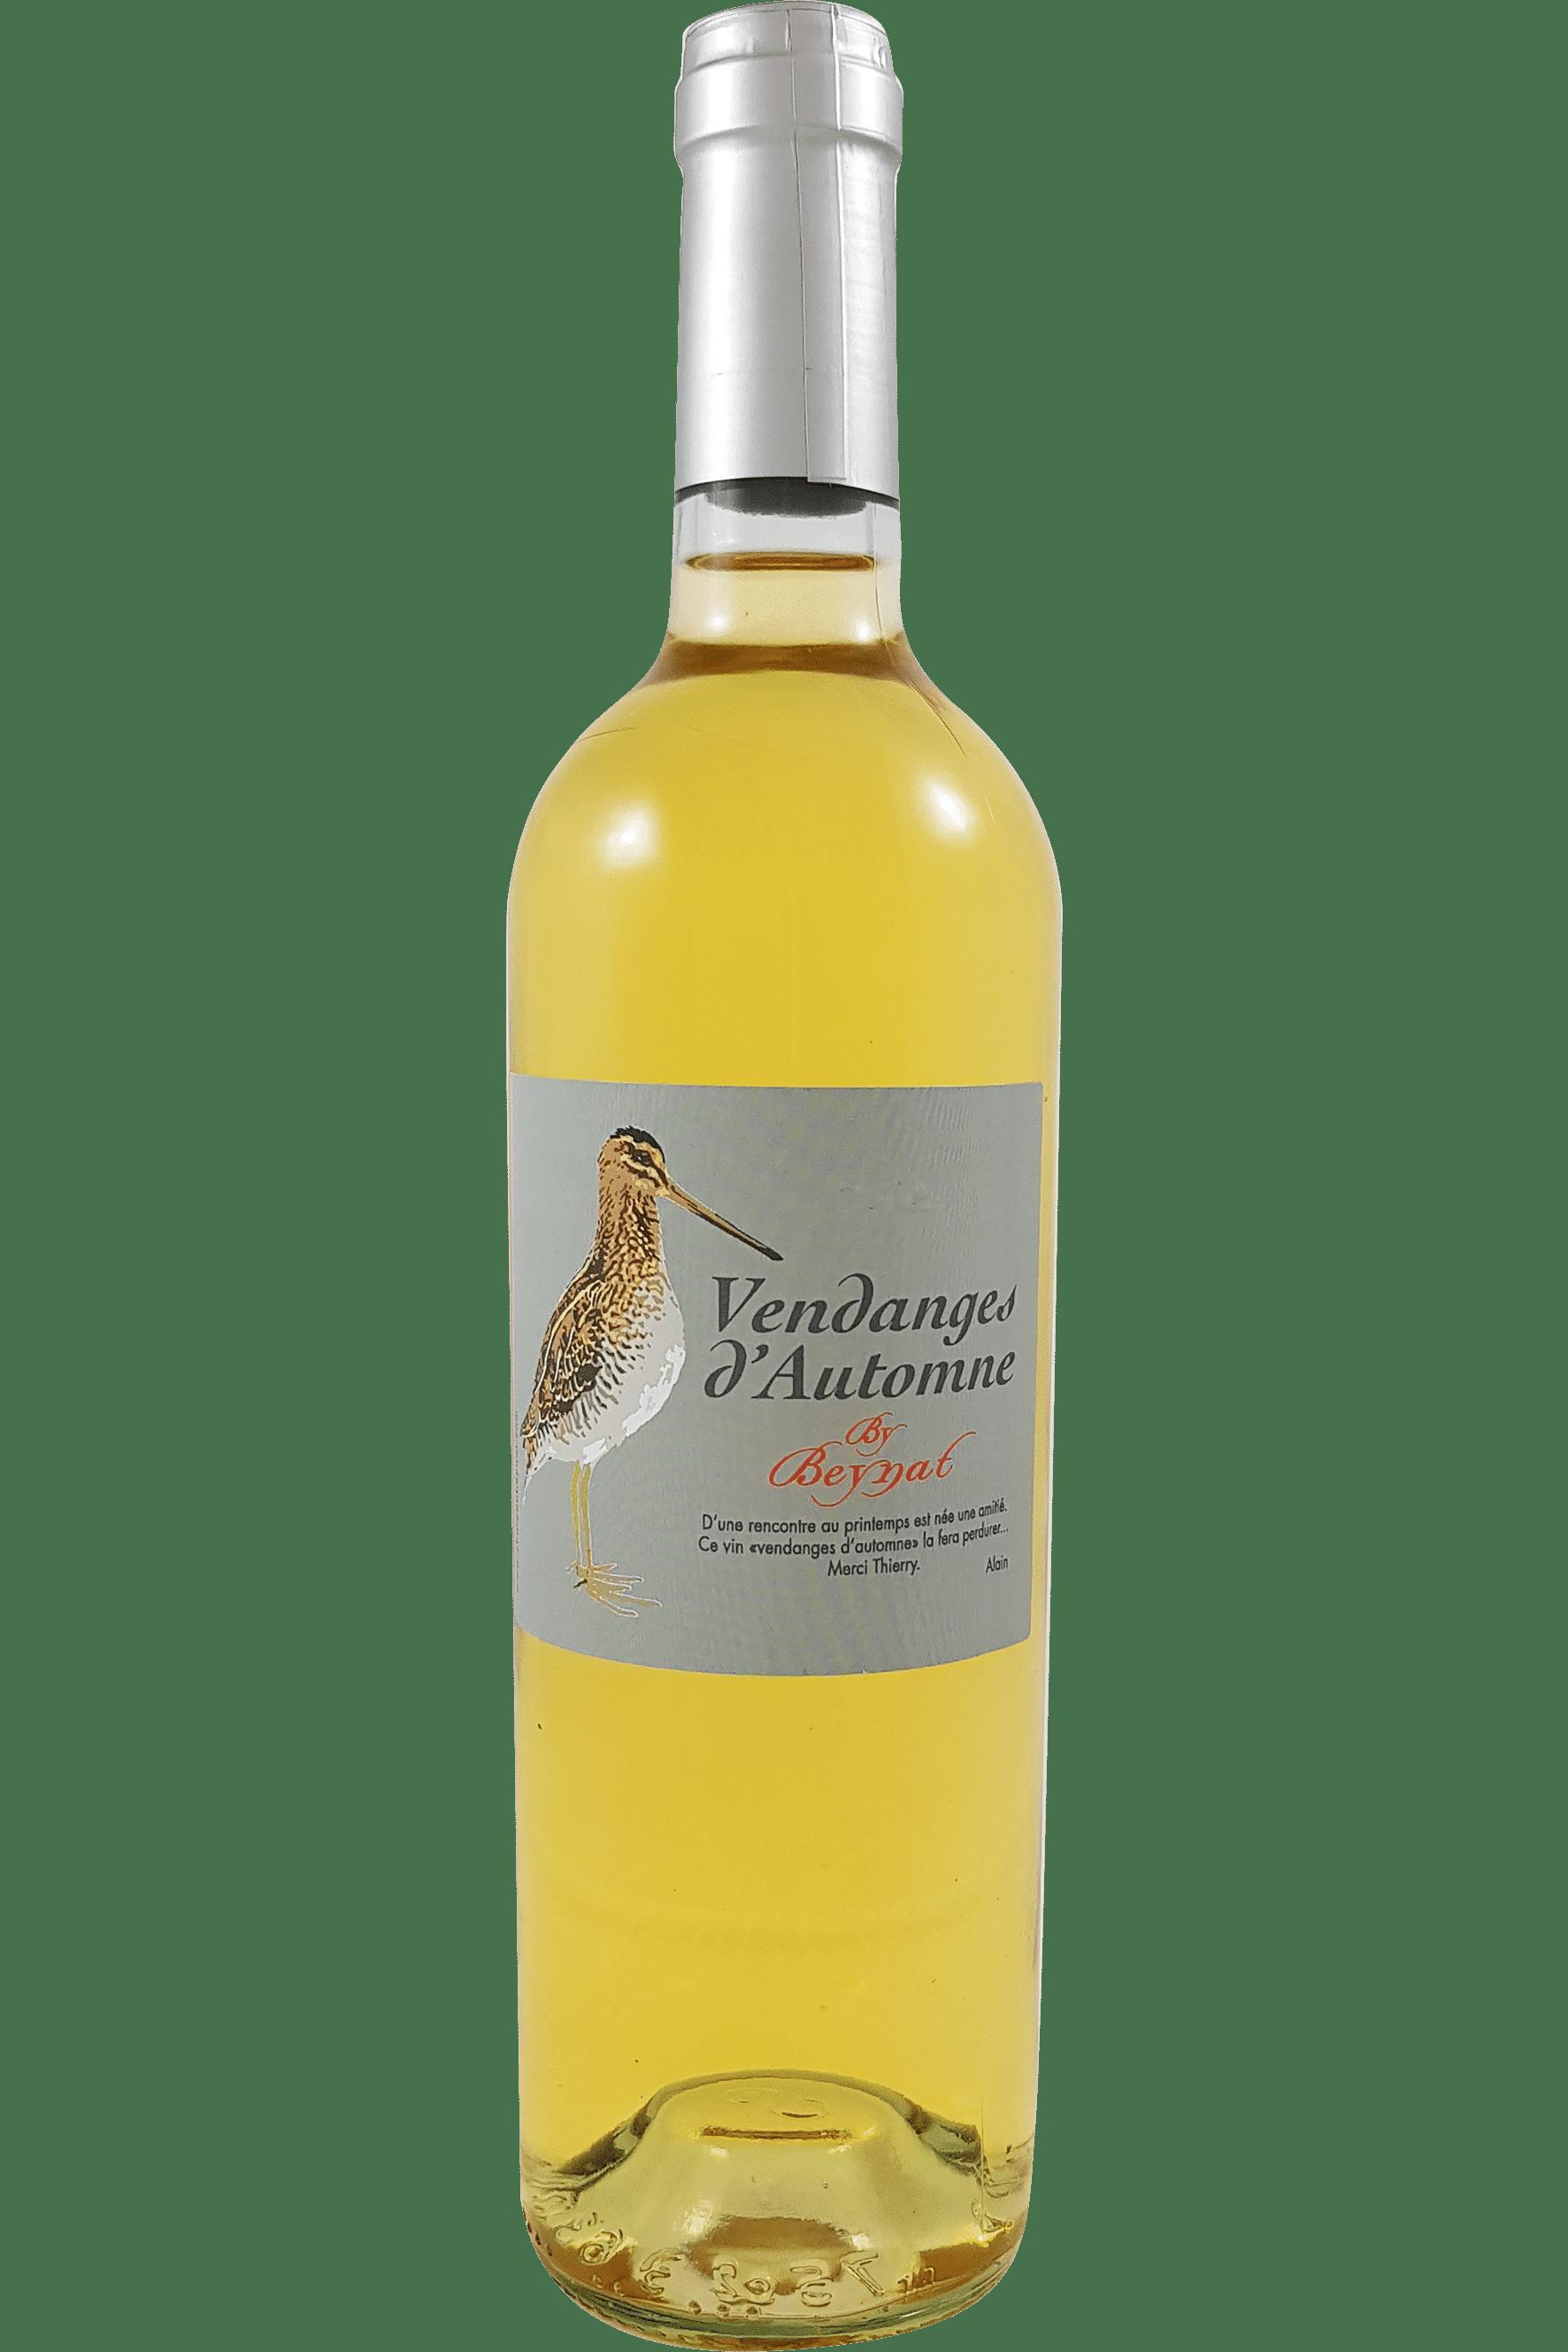 Vendanges d'Automne 2018 - Château Beynat - AOP Saussignac